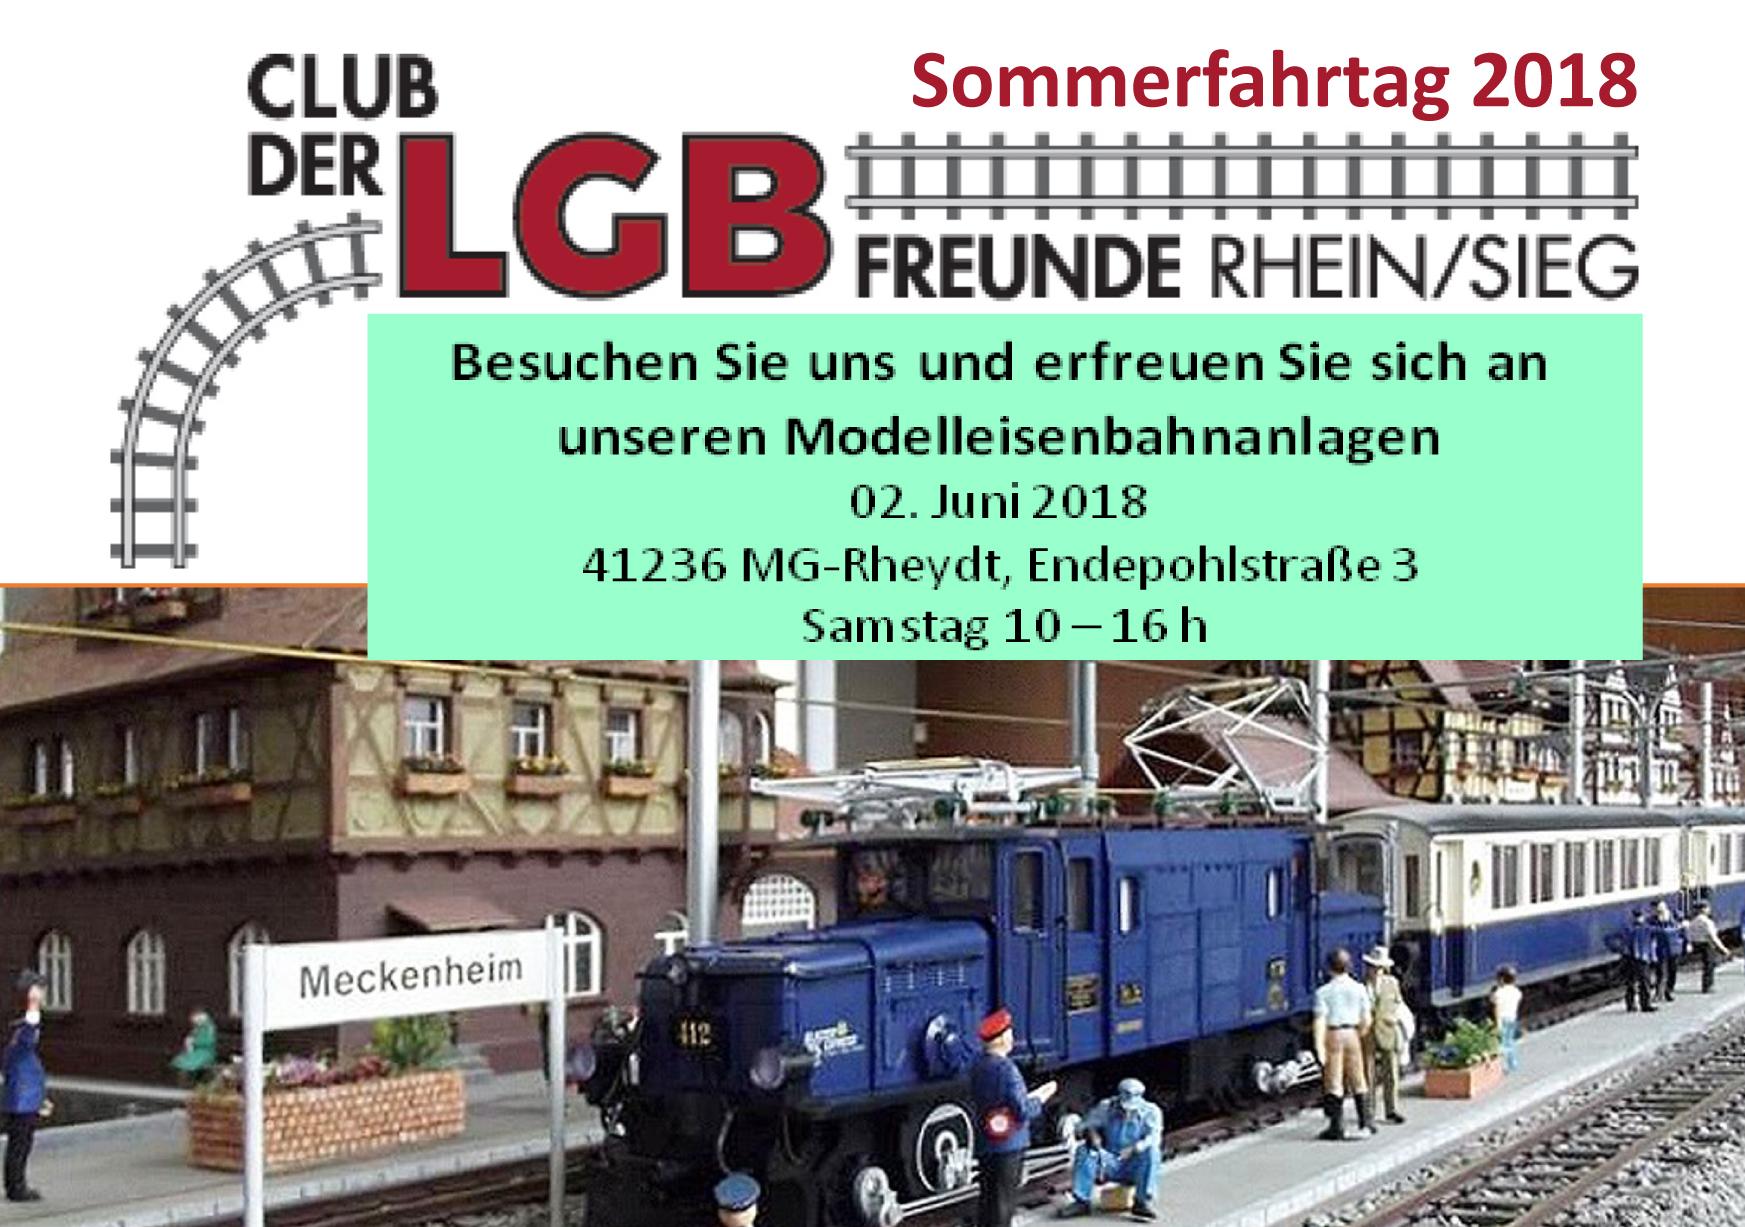 Flyer für unseren Sommerfahrtag 2018 am 02. Juni 2018 in unserem Clubdomizil in Mönchengladbach.